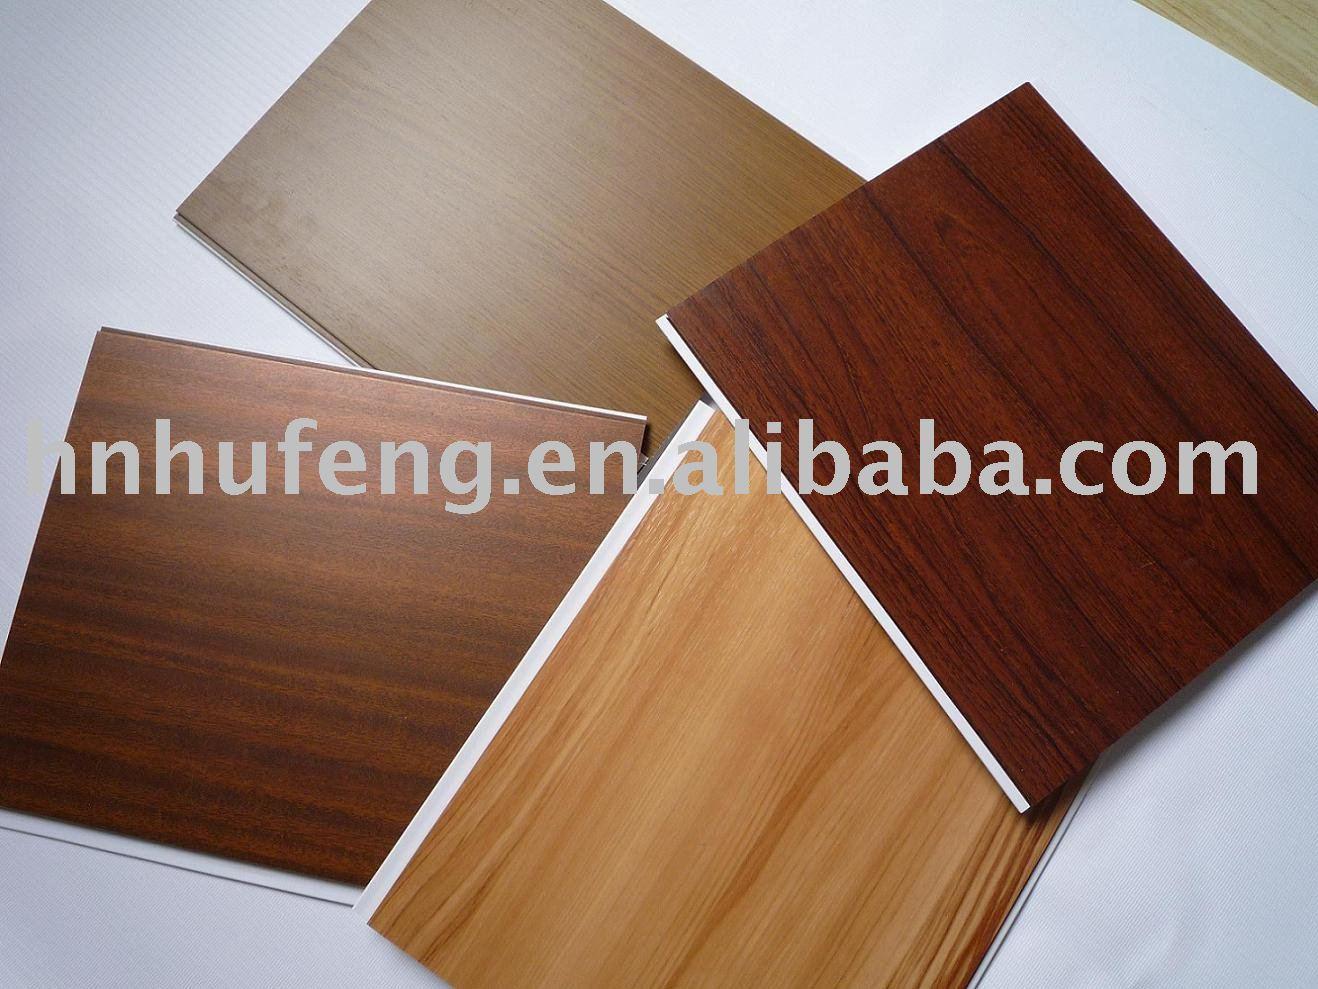 Laminado painel de parede de pvc placas para o teto id do for Placas de pvc para paredes